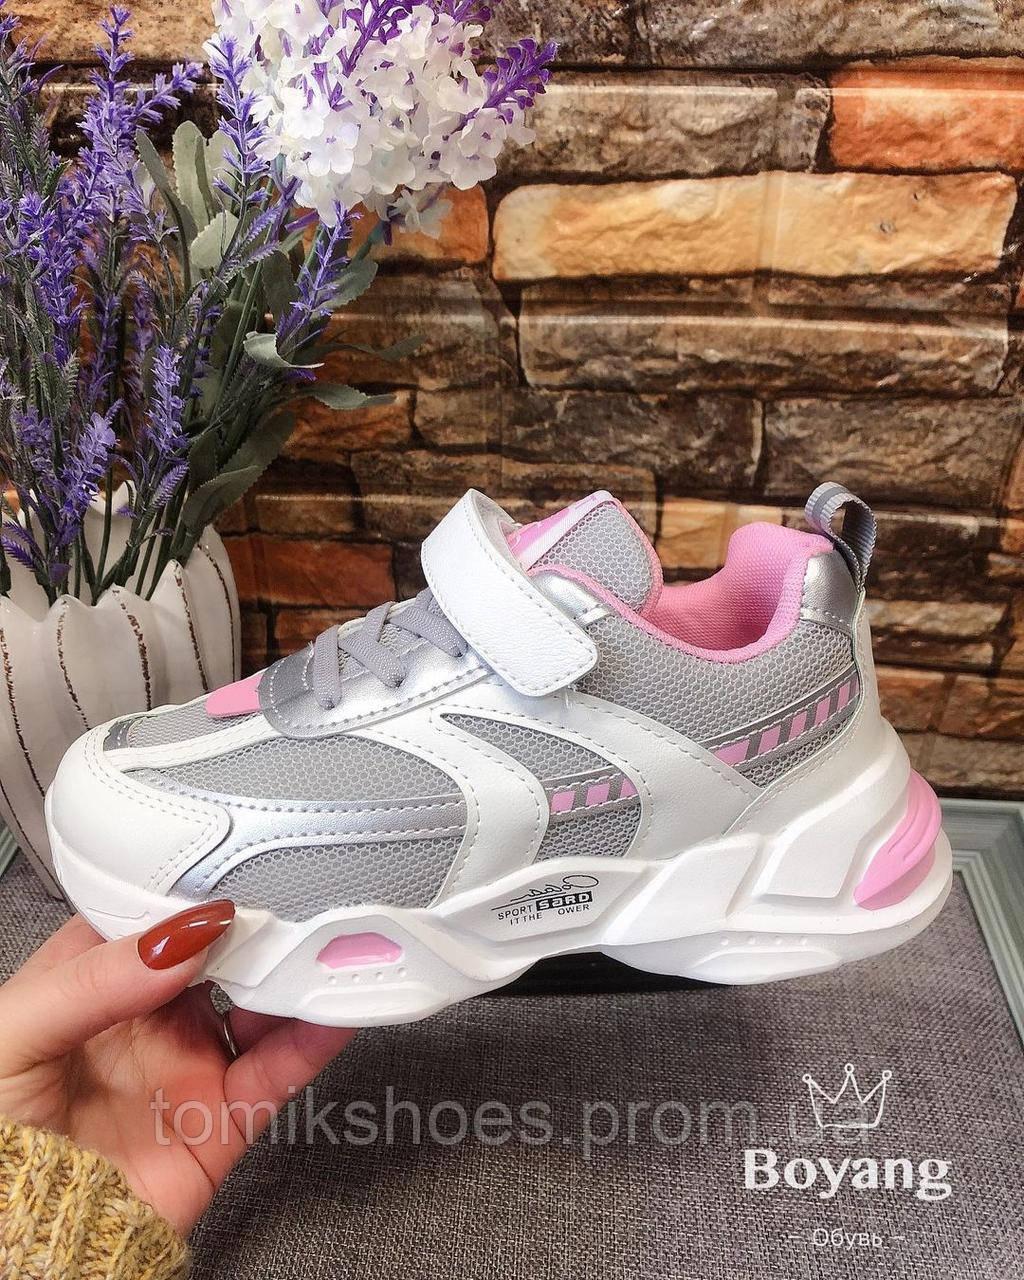 Кроссовки  для девочек, девушек или женщин Boyang 9041K. 33-38 размеры.